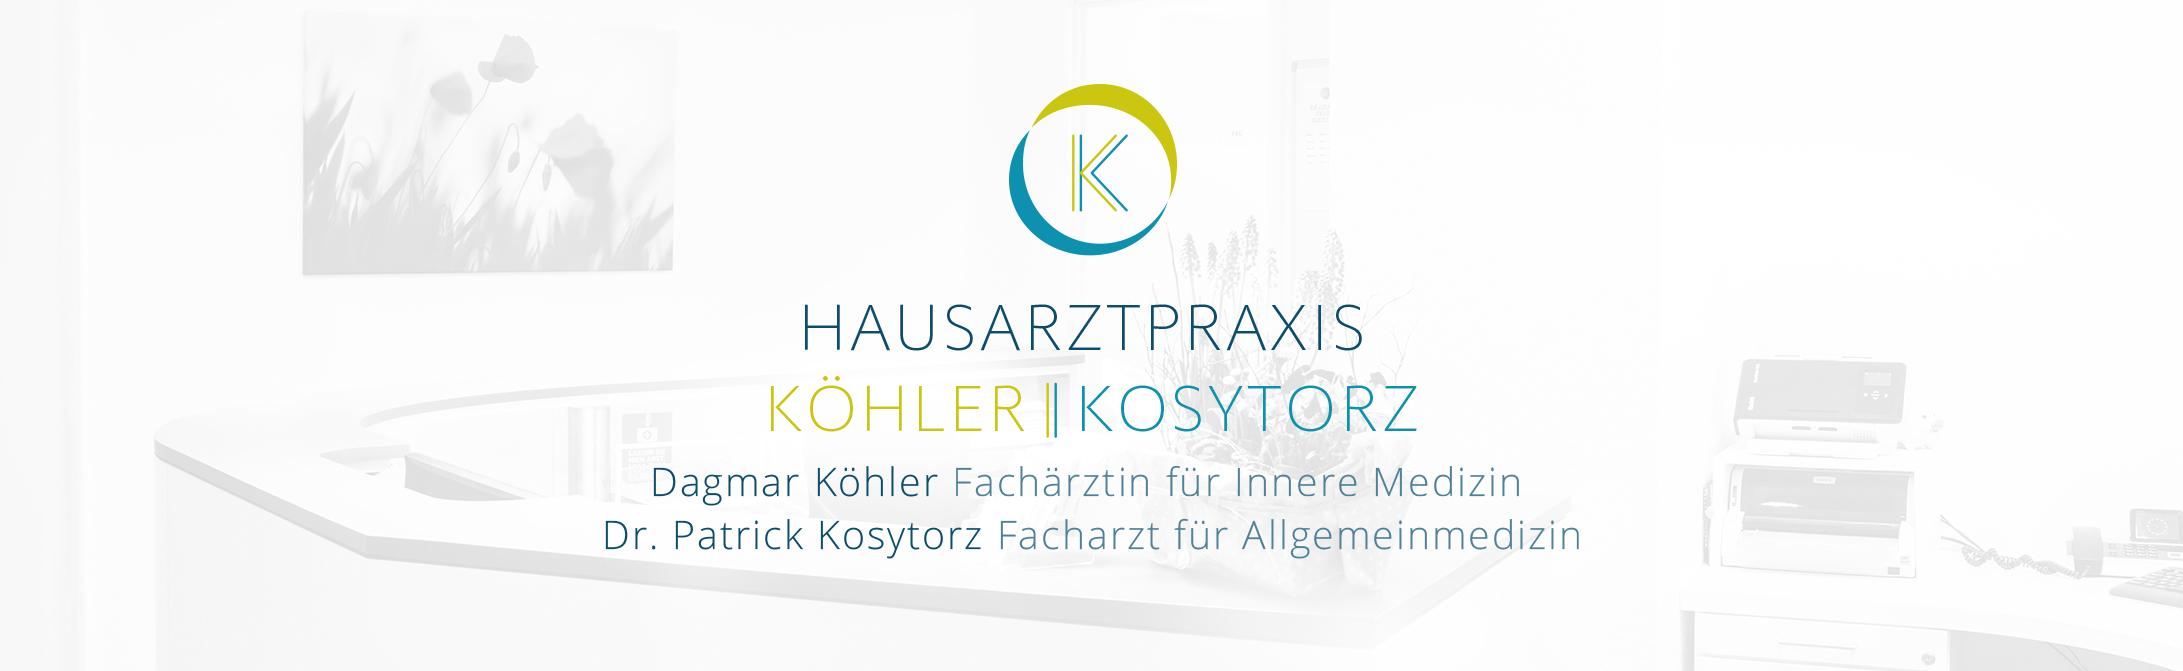 Hausarztpraxis Köhler | Kosytorz